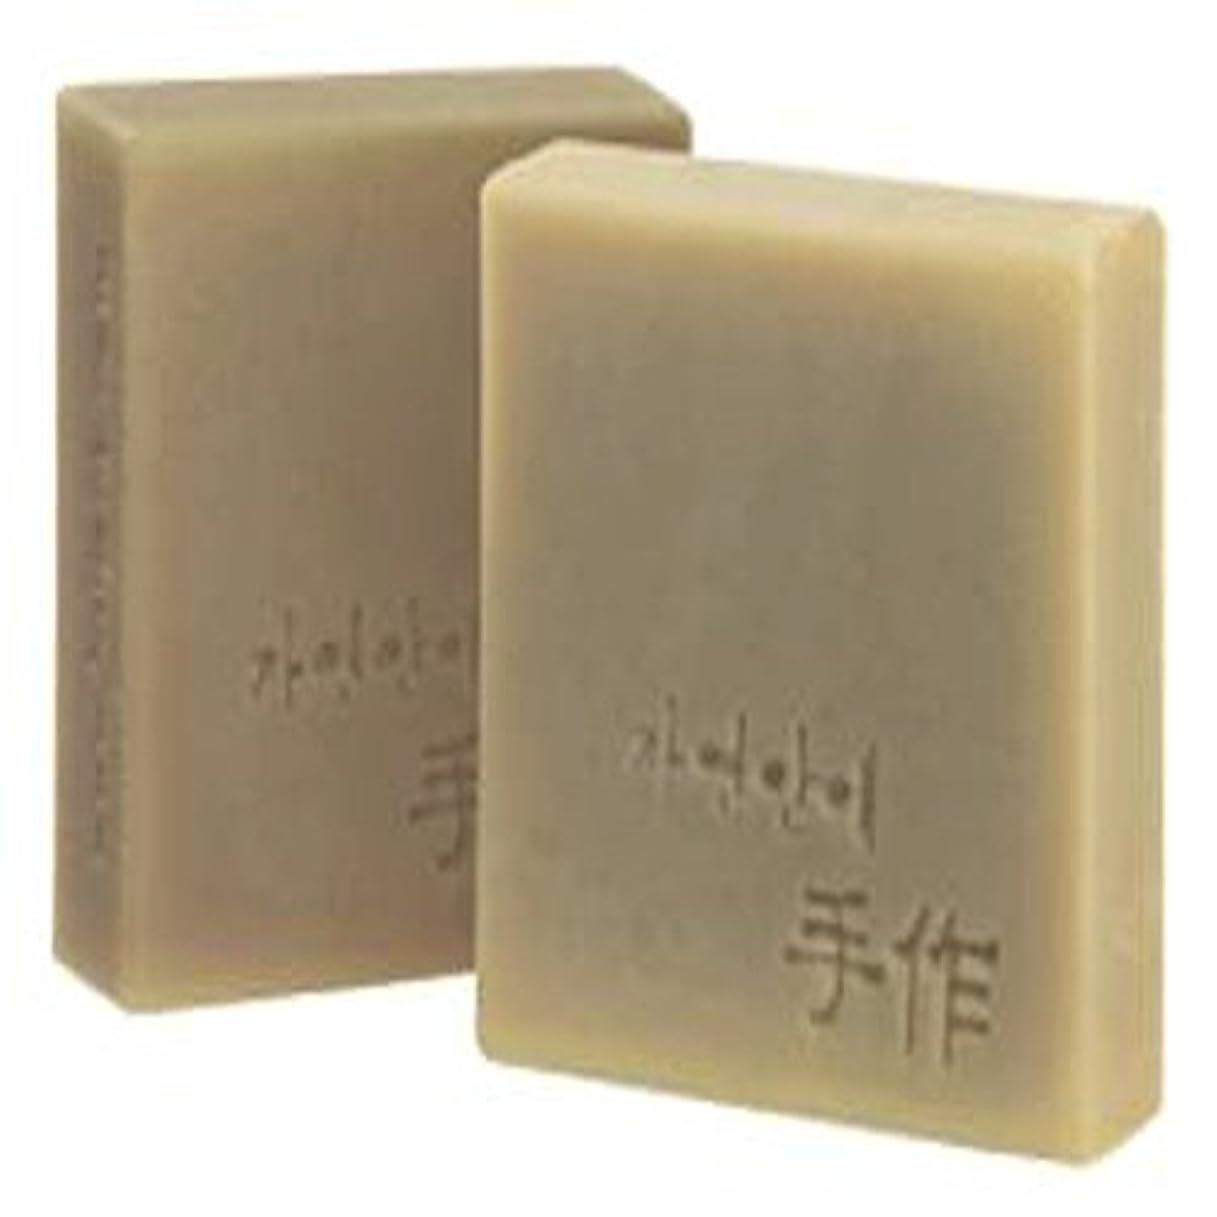 深める著者ポケットNatural organic 有機天然ソープ 固形 無添加 洗顔せっけん [並行輸入品] (SousAre)